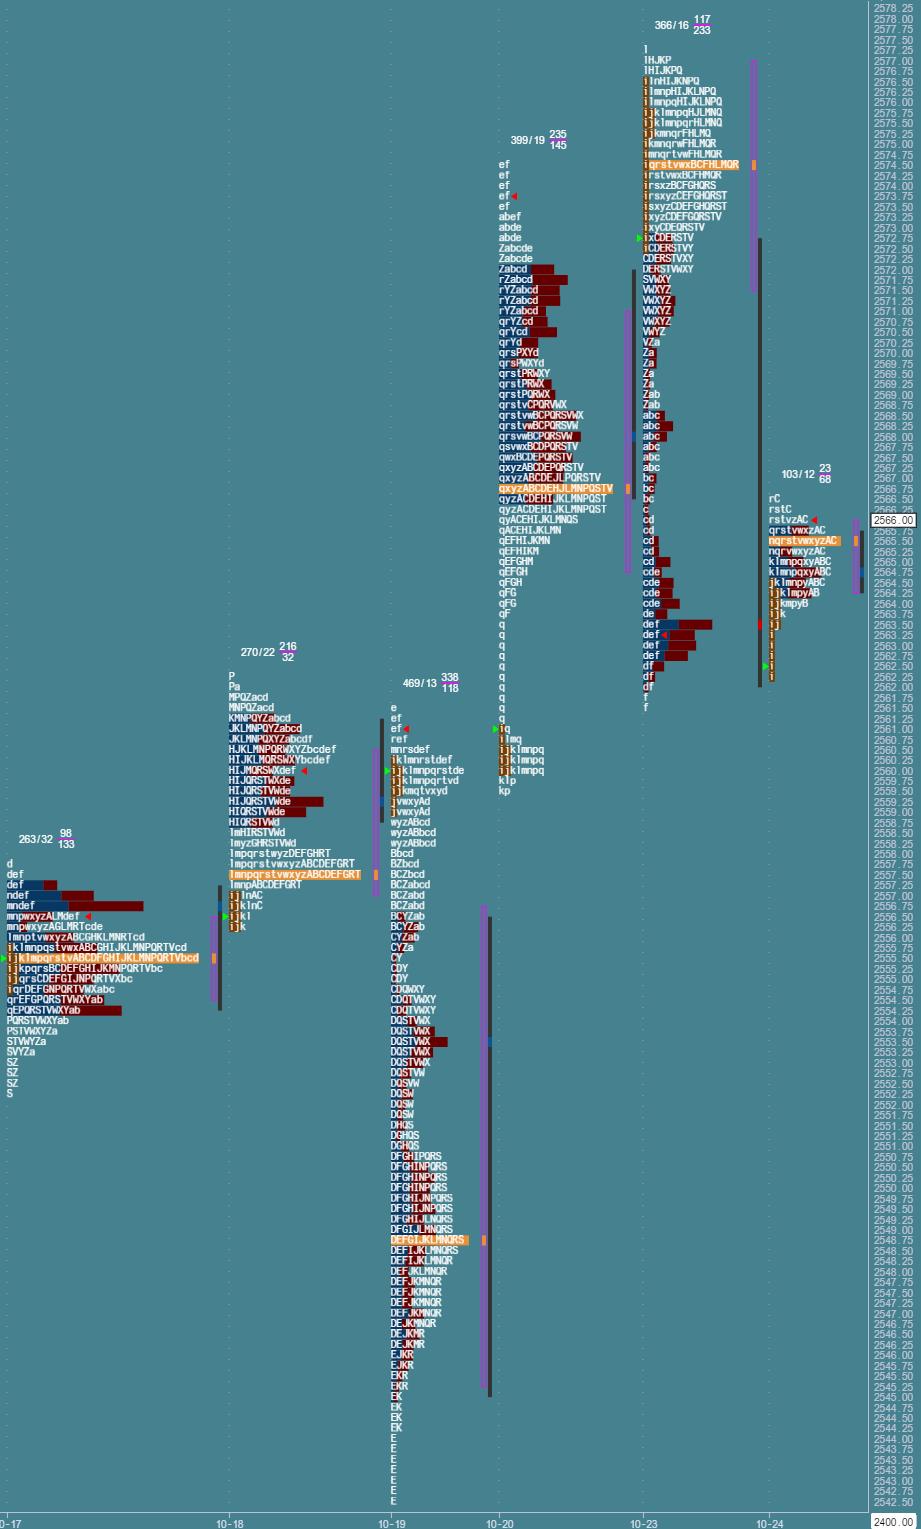 Przygotowane do sesji: market profile z 24 października